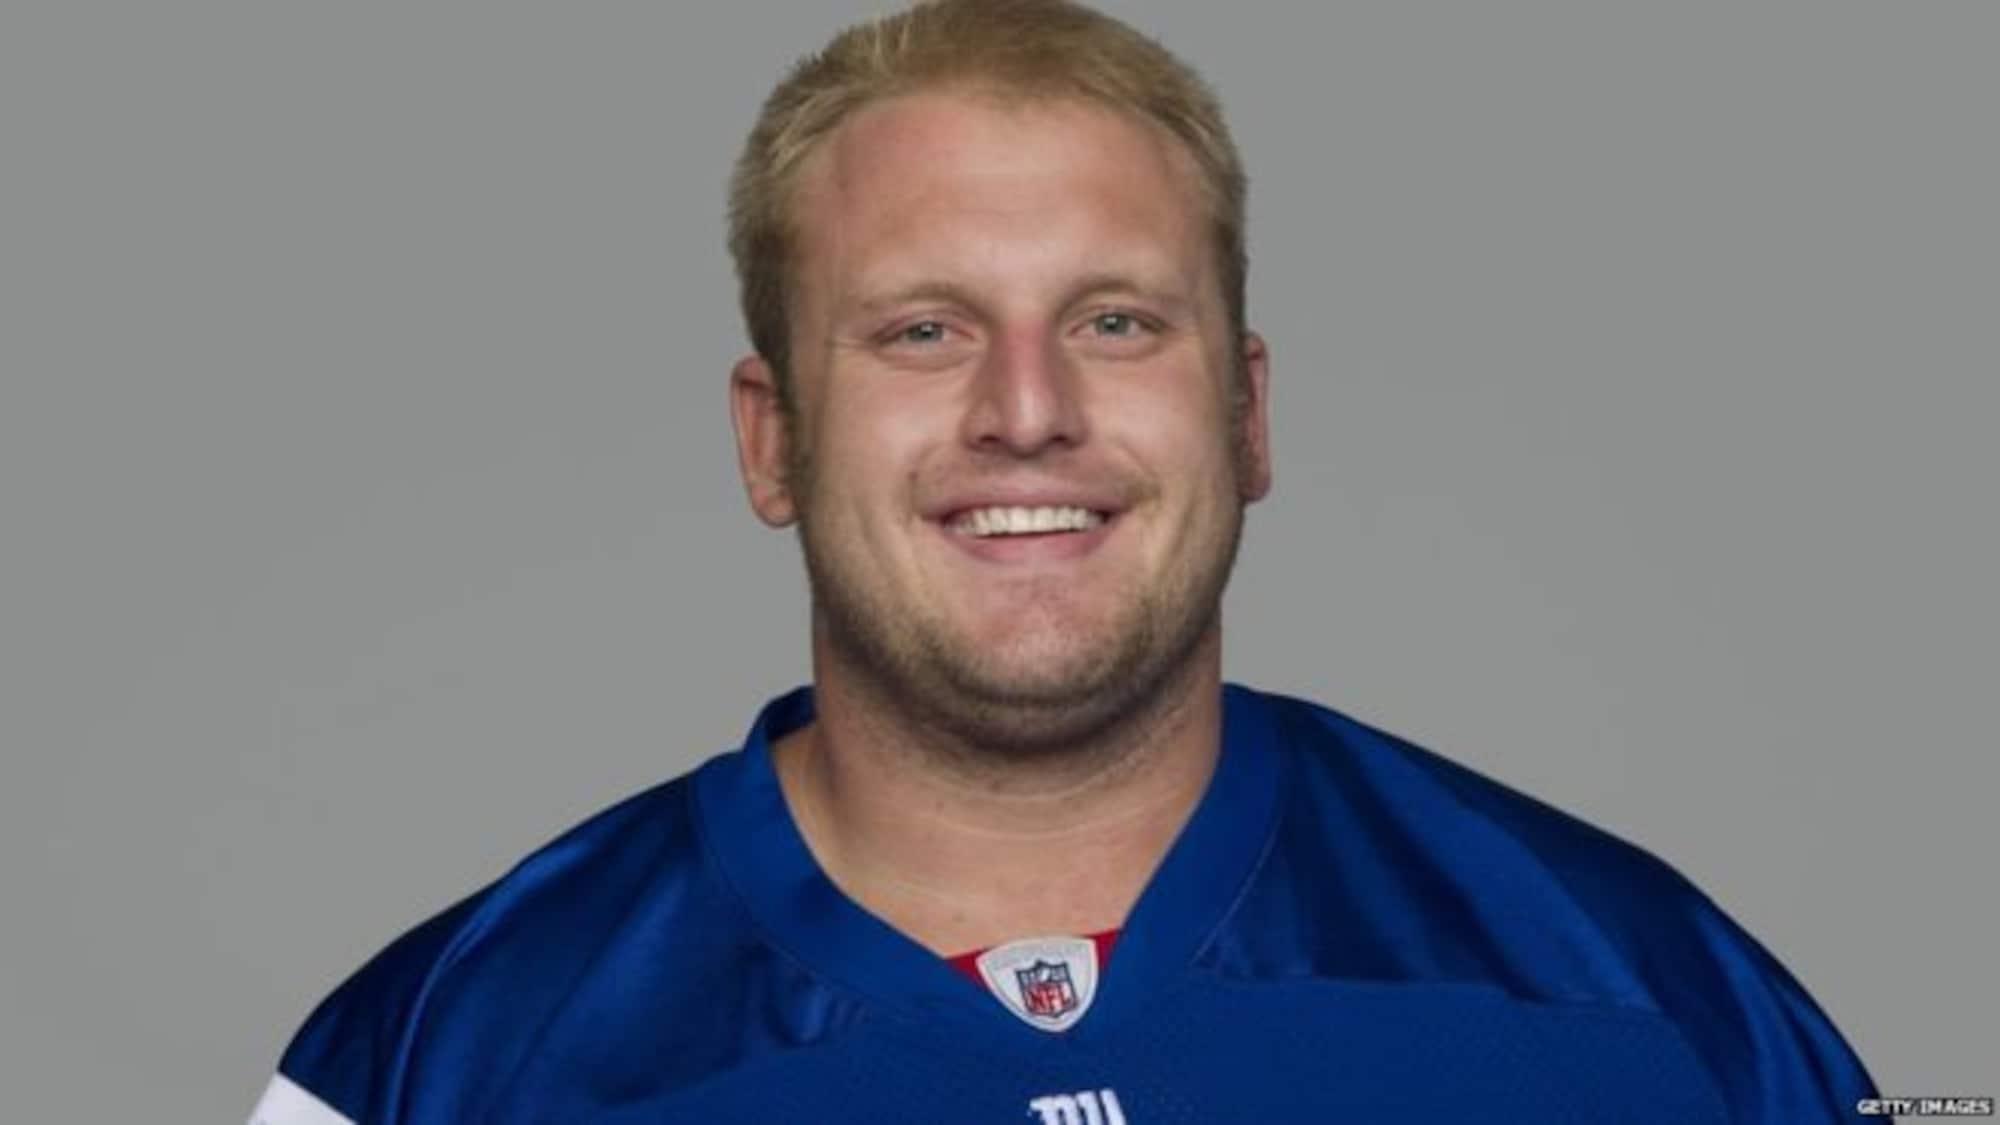 Extreme Hitzewelle in den USA: NFL-Star stirbt, weil er draussen arbeitete